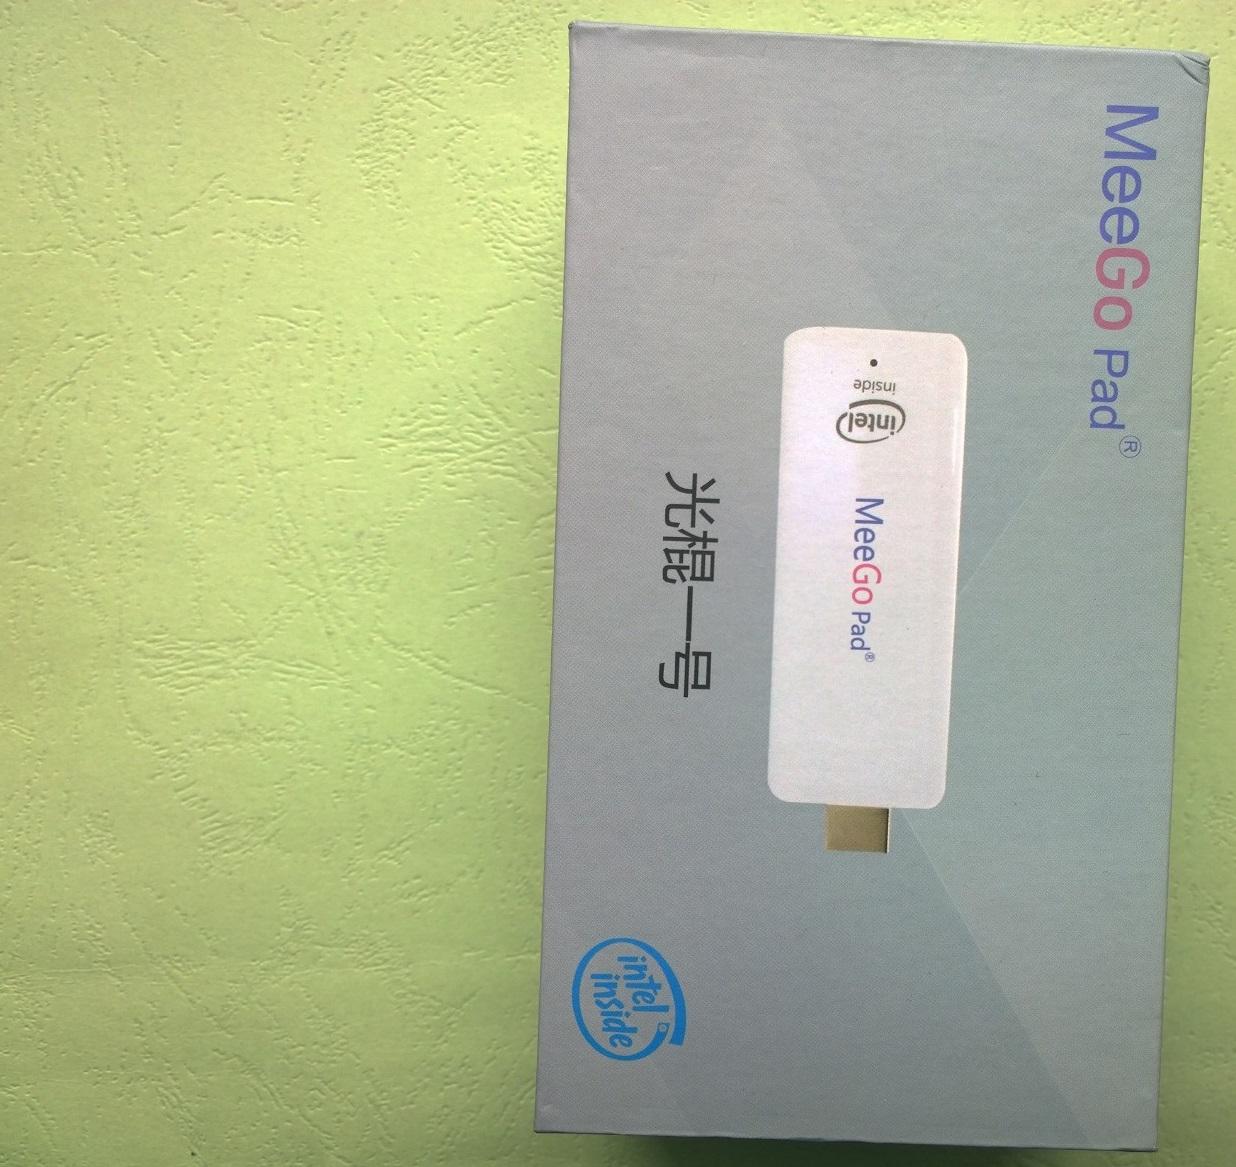 Meegopad T01 Руководство по установке линукса. Для работы в качестве удаленного сервера - 1